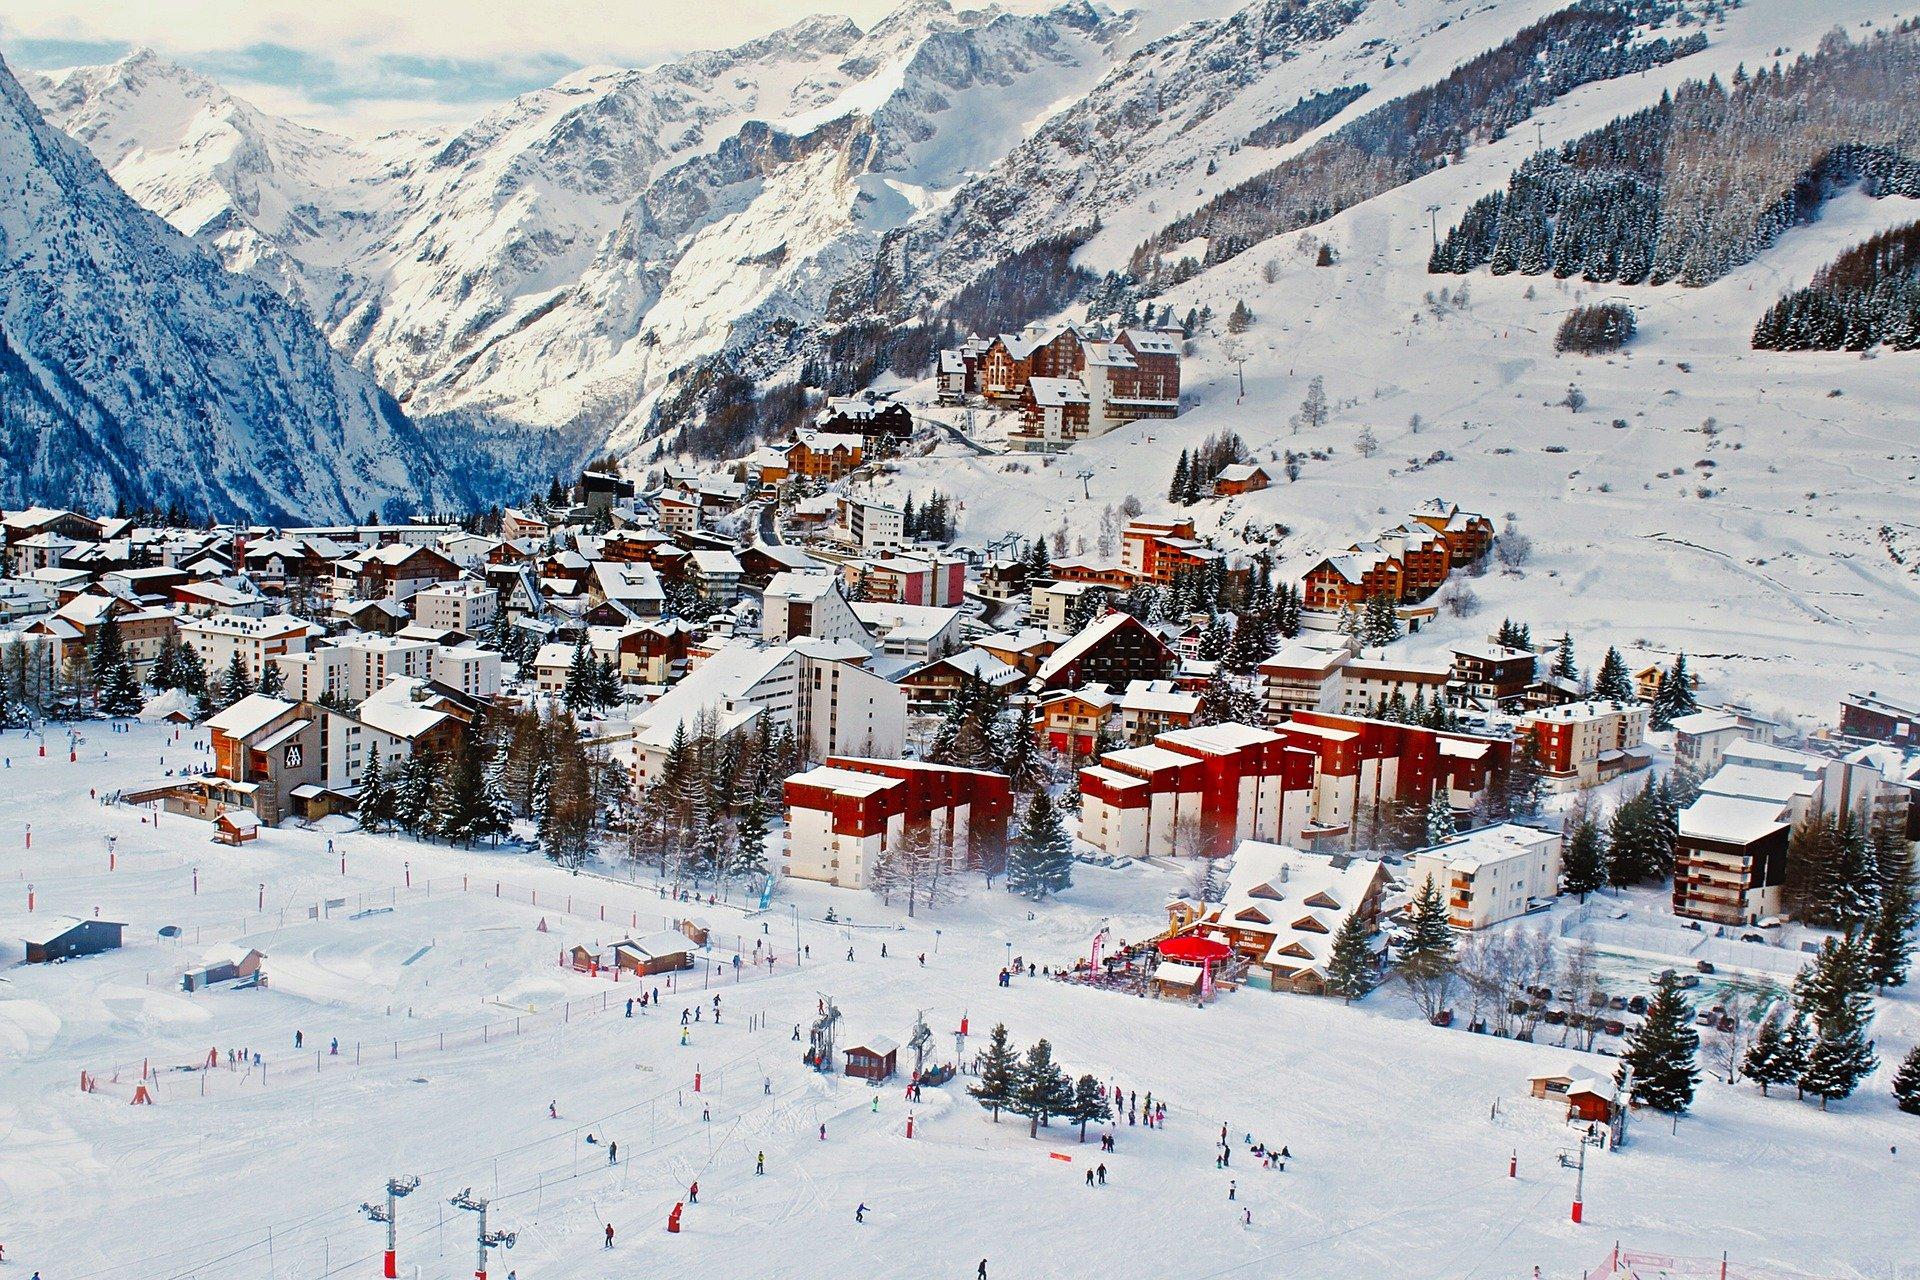 frans wintersport gebied airbnb